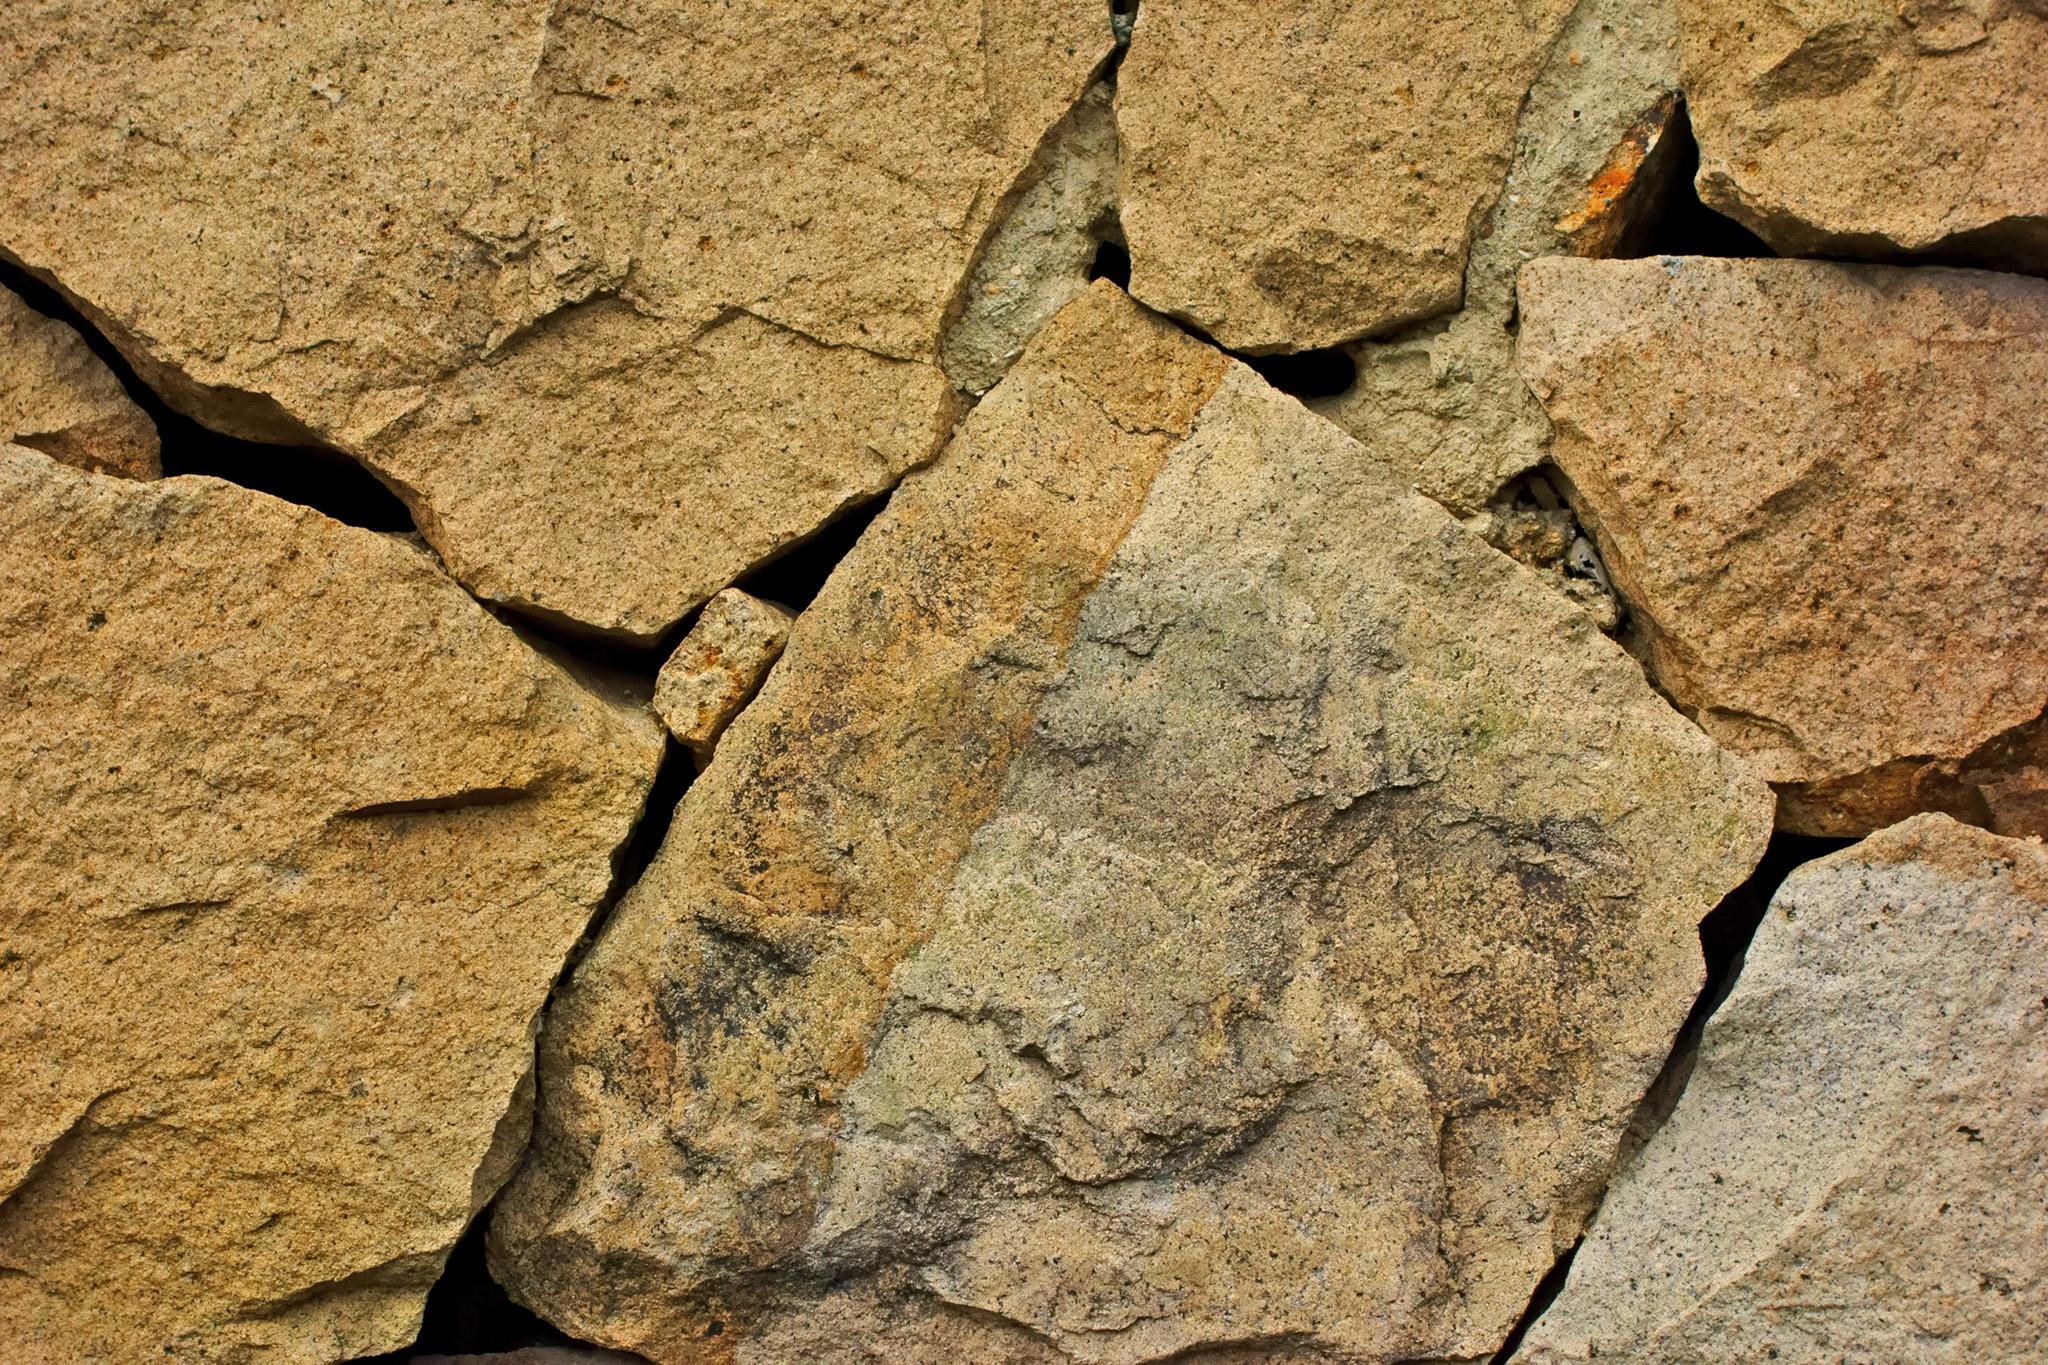 大きな岩の石壁